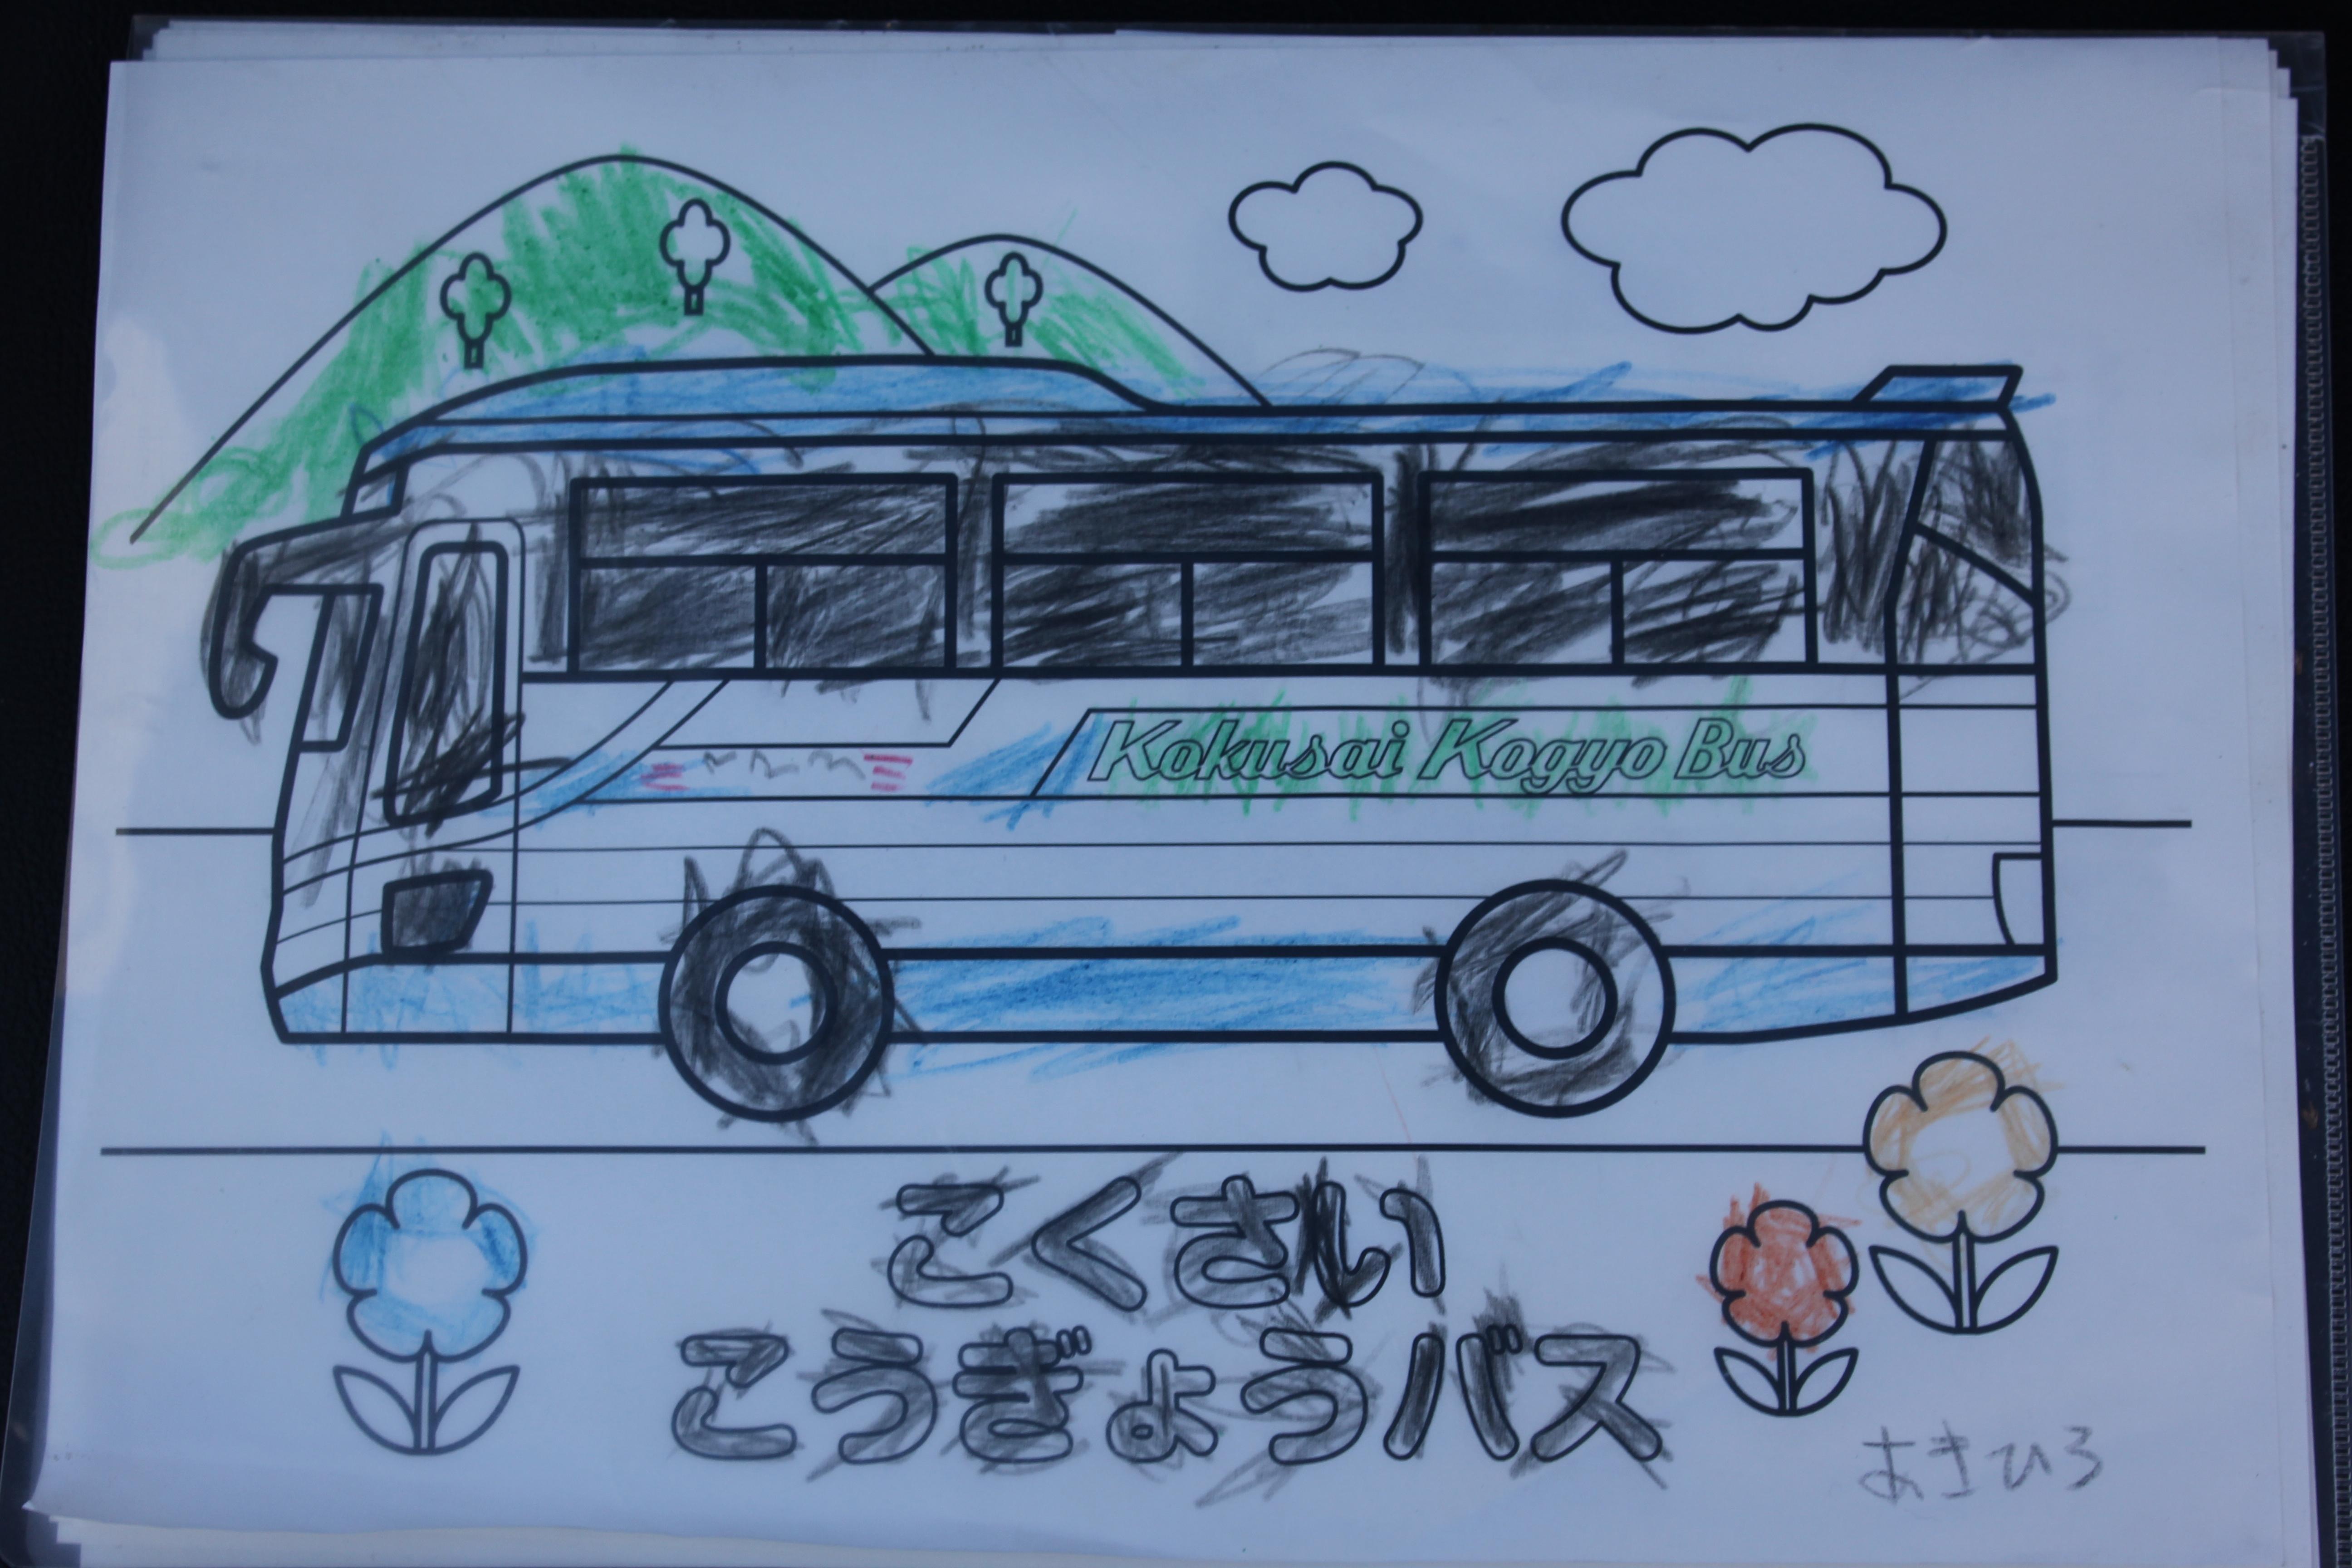 国際興業バスまつり2016 塗り絵公開 国際興業バス